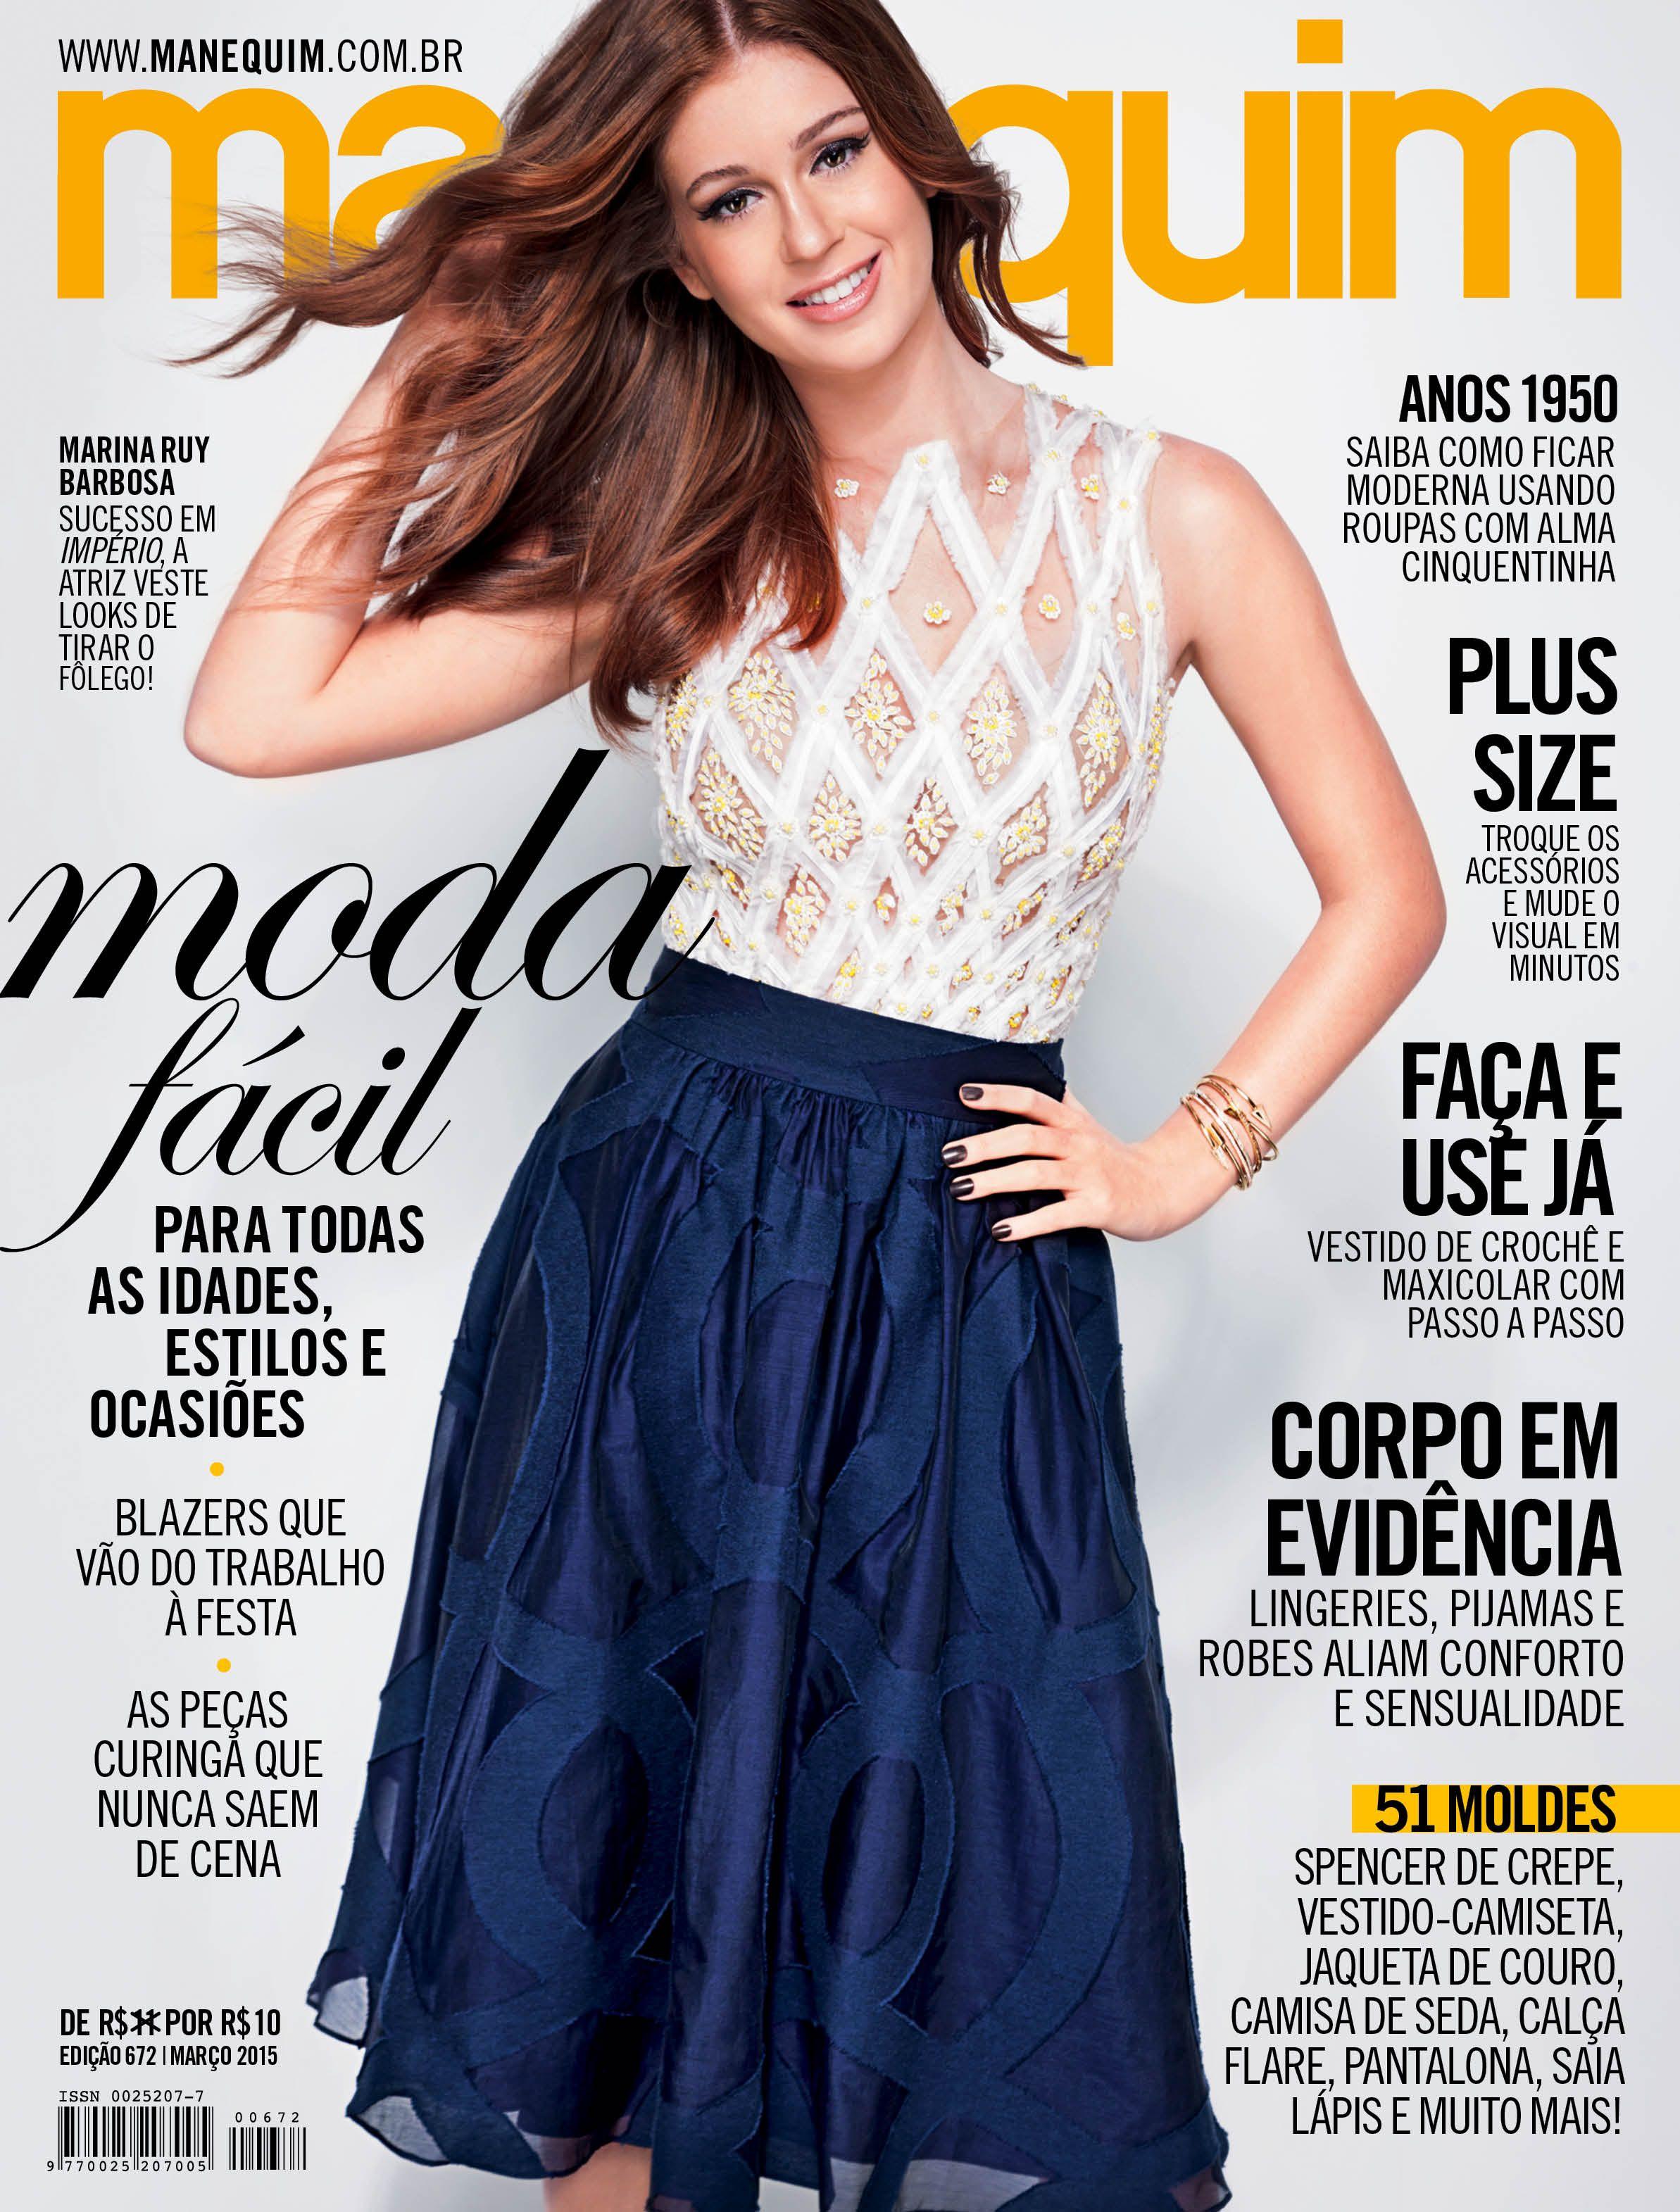 e4b56e6c59a09 Revista Manequim - março 2015 Capa  Marina Ruy Barbosa   Manequim